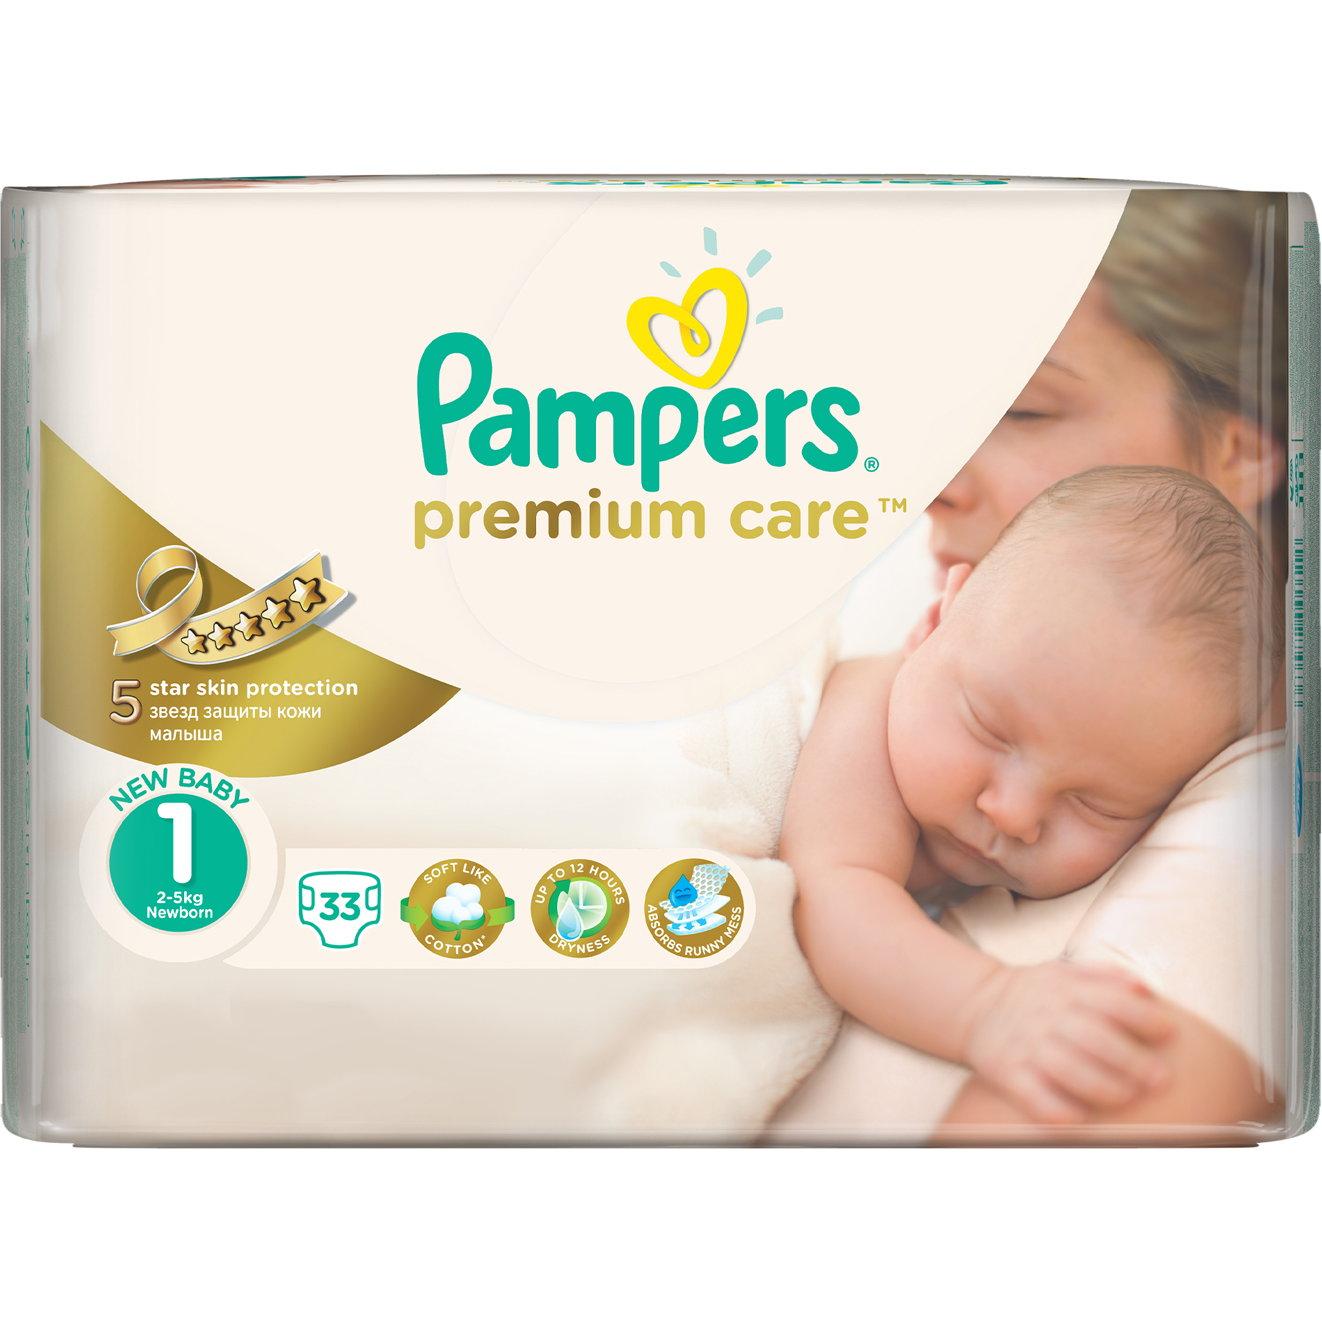 """���������� Pampers """"Premium Care"""" Newborn 2-5 �� (33 ��.) ������ 1"""